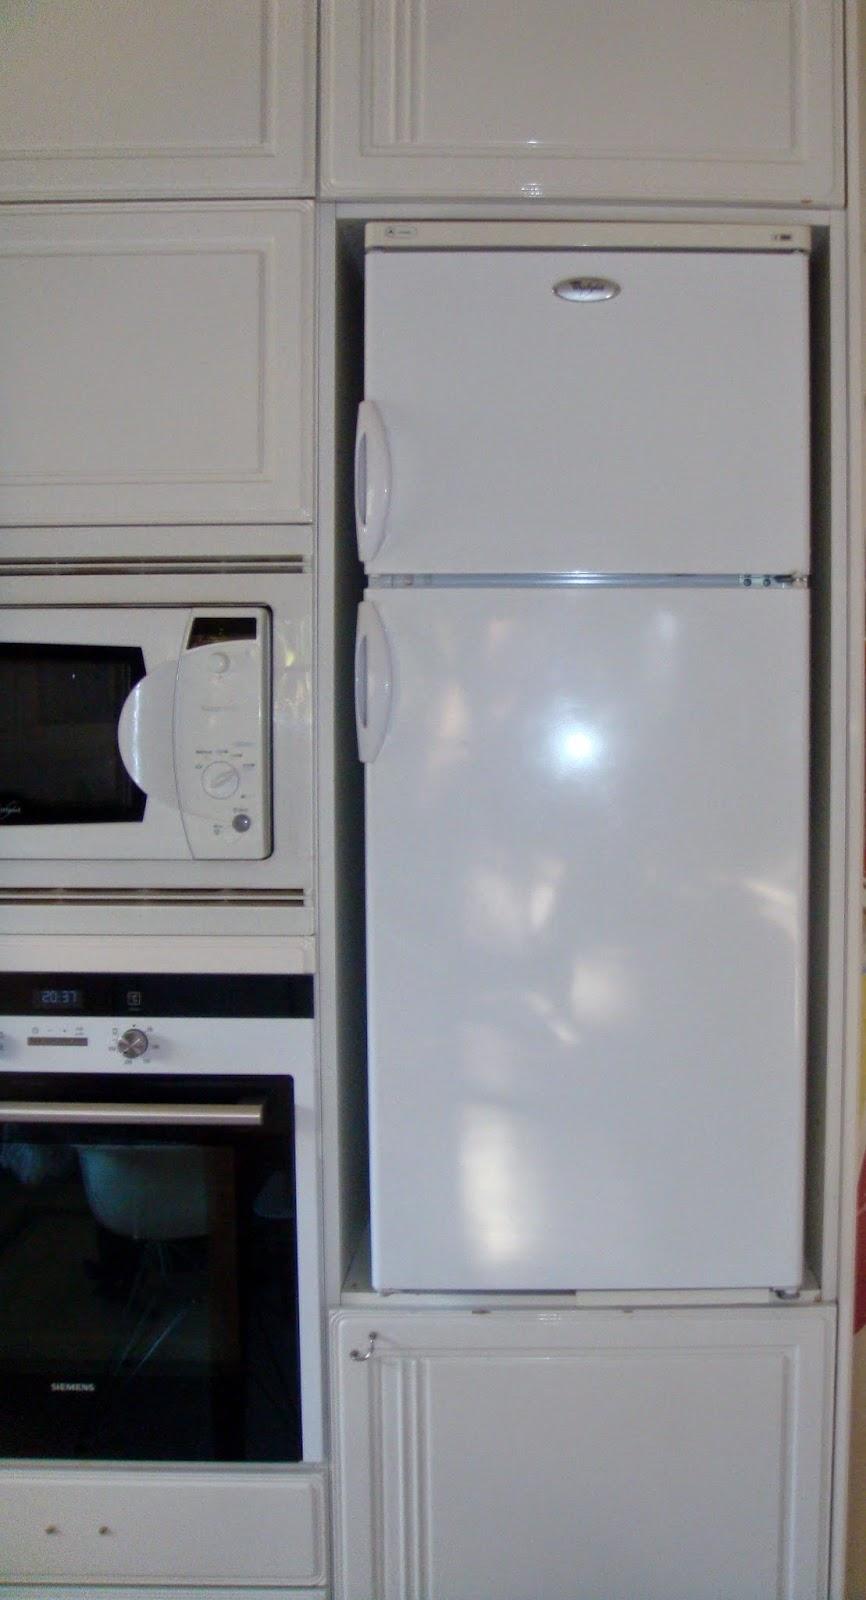 An unfitted fridge